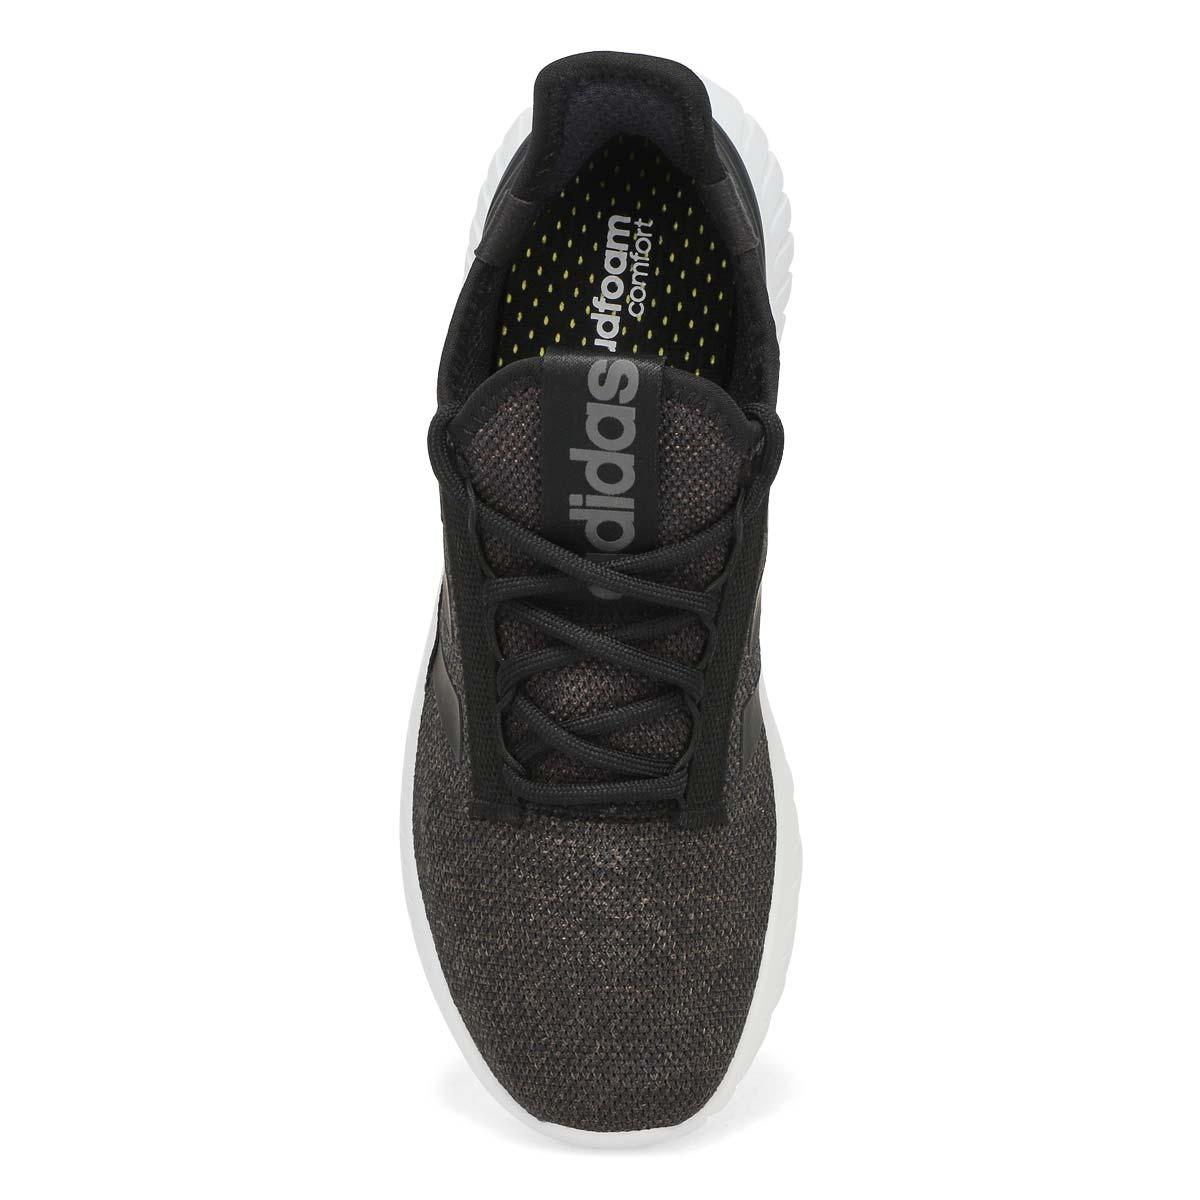 Men's Kaptir 2.0 Running Shoe -Black/Black/Grey